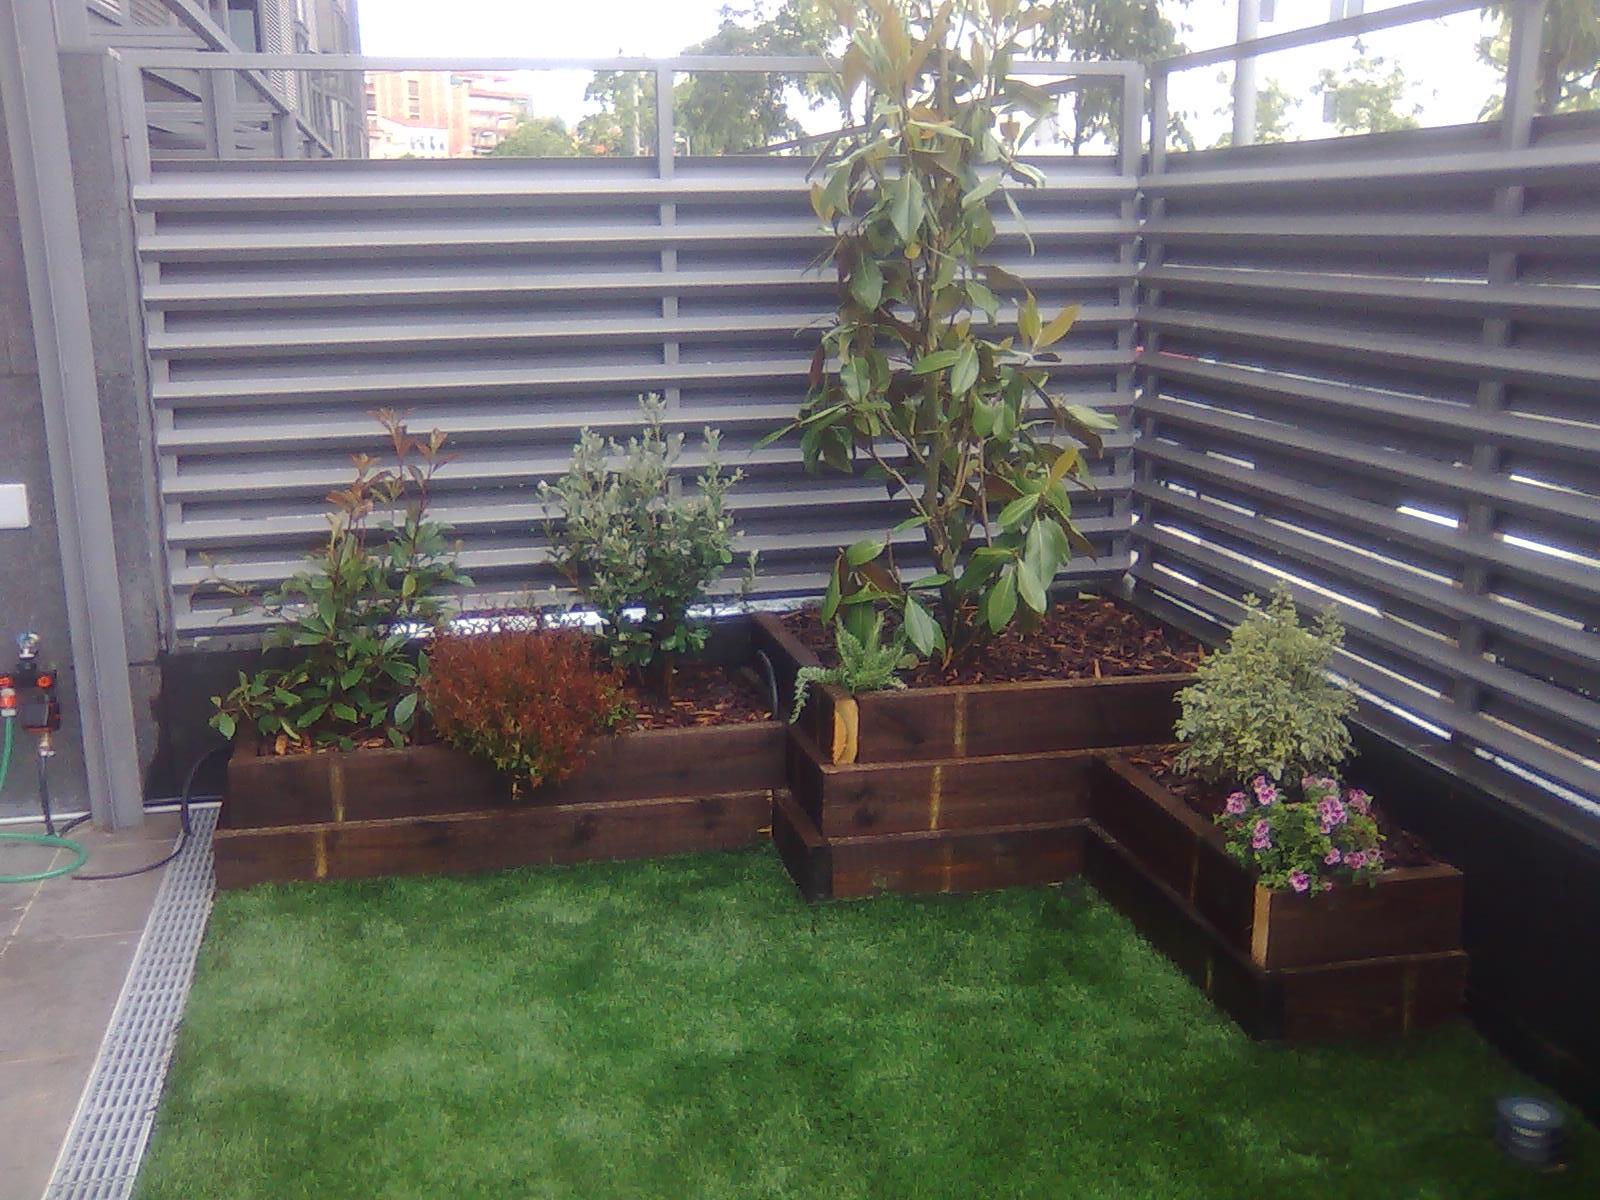 Jardineria paisajes dise o y construccion de jardines - Tipos de jardineras ...